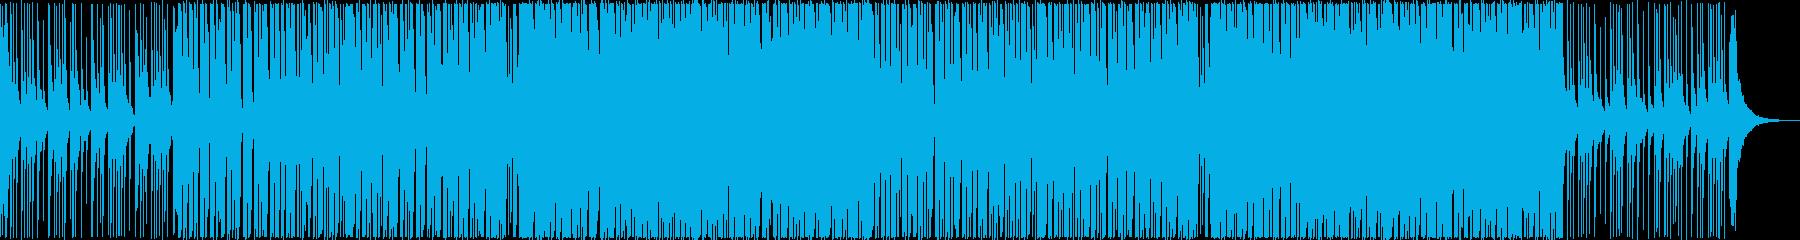 和風エレクトロハウスダンス・三味線尺八箏の再生済みの波形